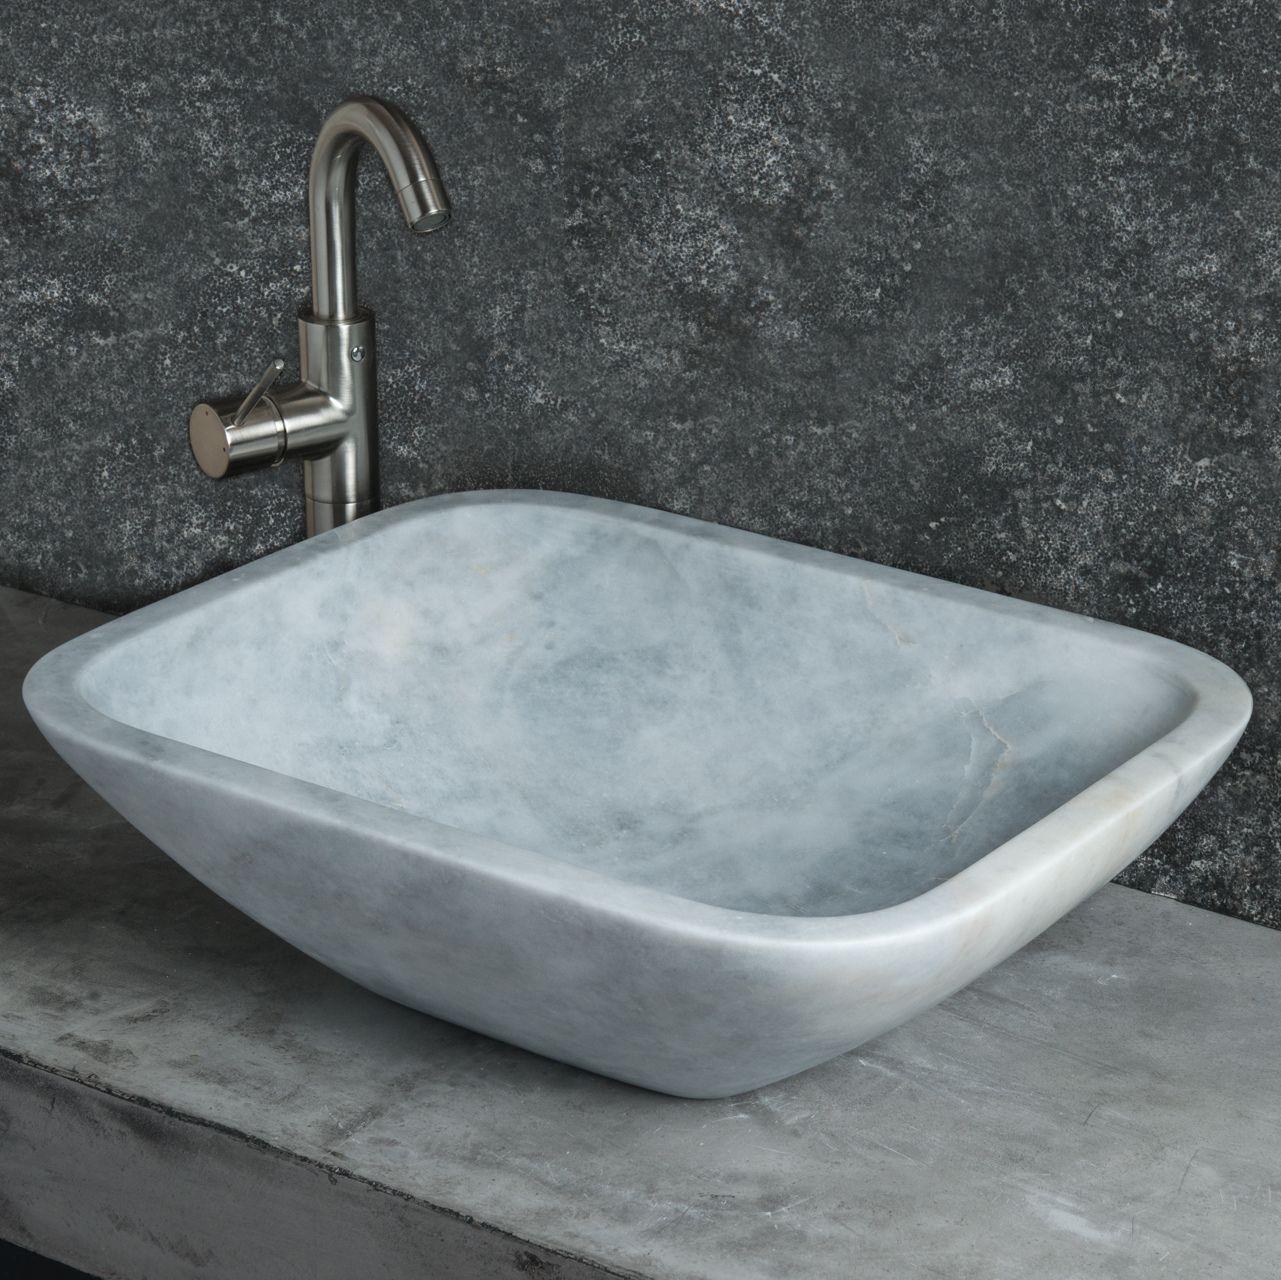 Piani Lavabo Bagno In Pietra.Lavabo Rettangolare Da Appoggio In Marmo Grigio Crib Bagno